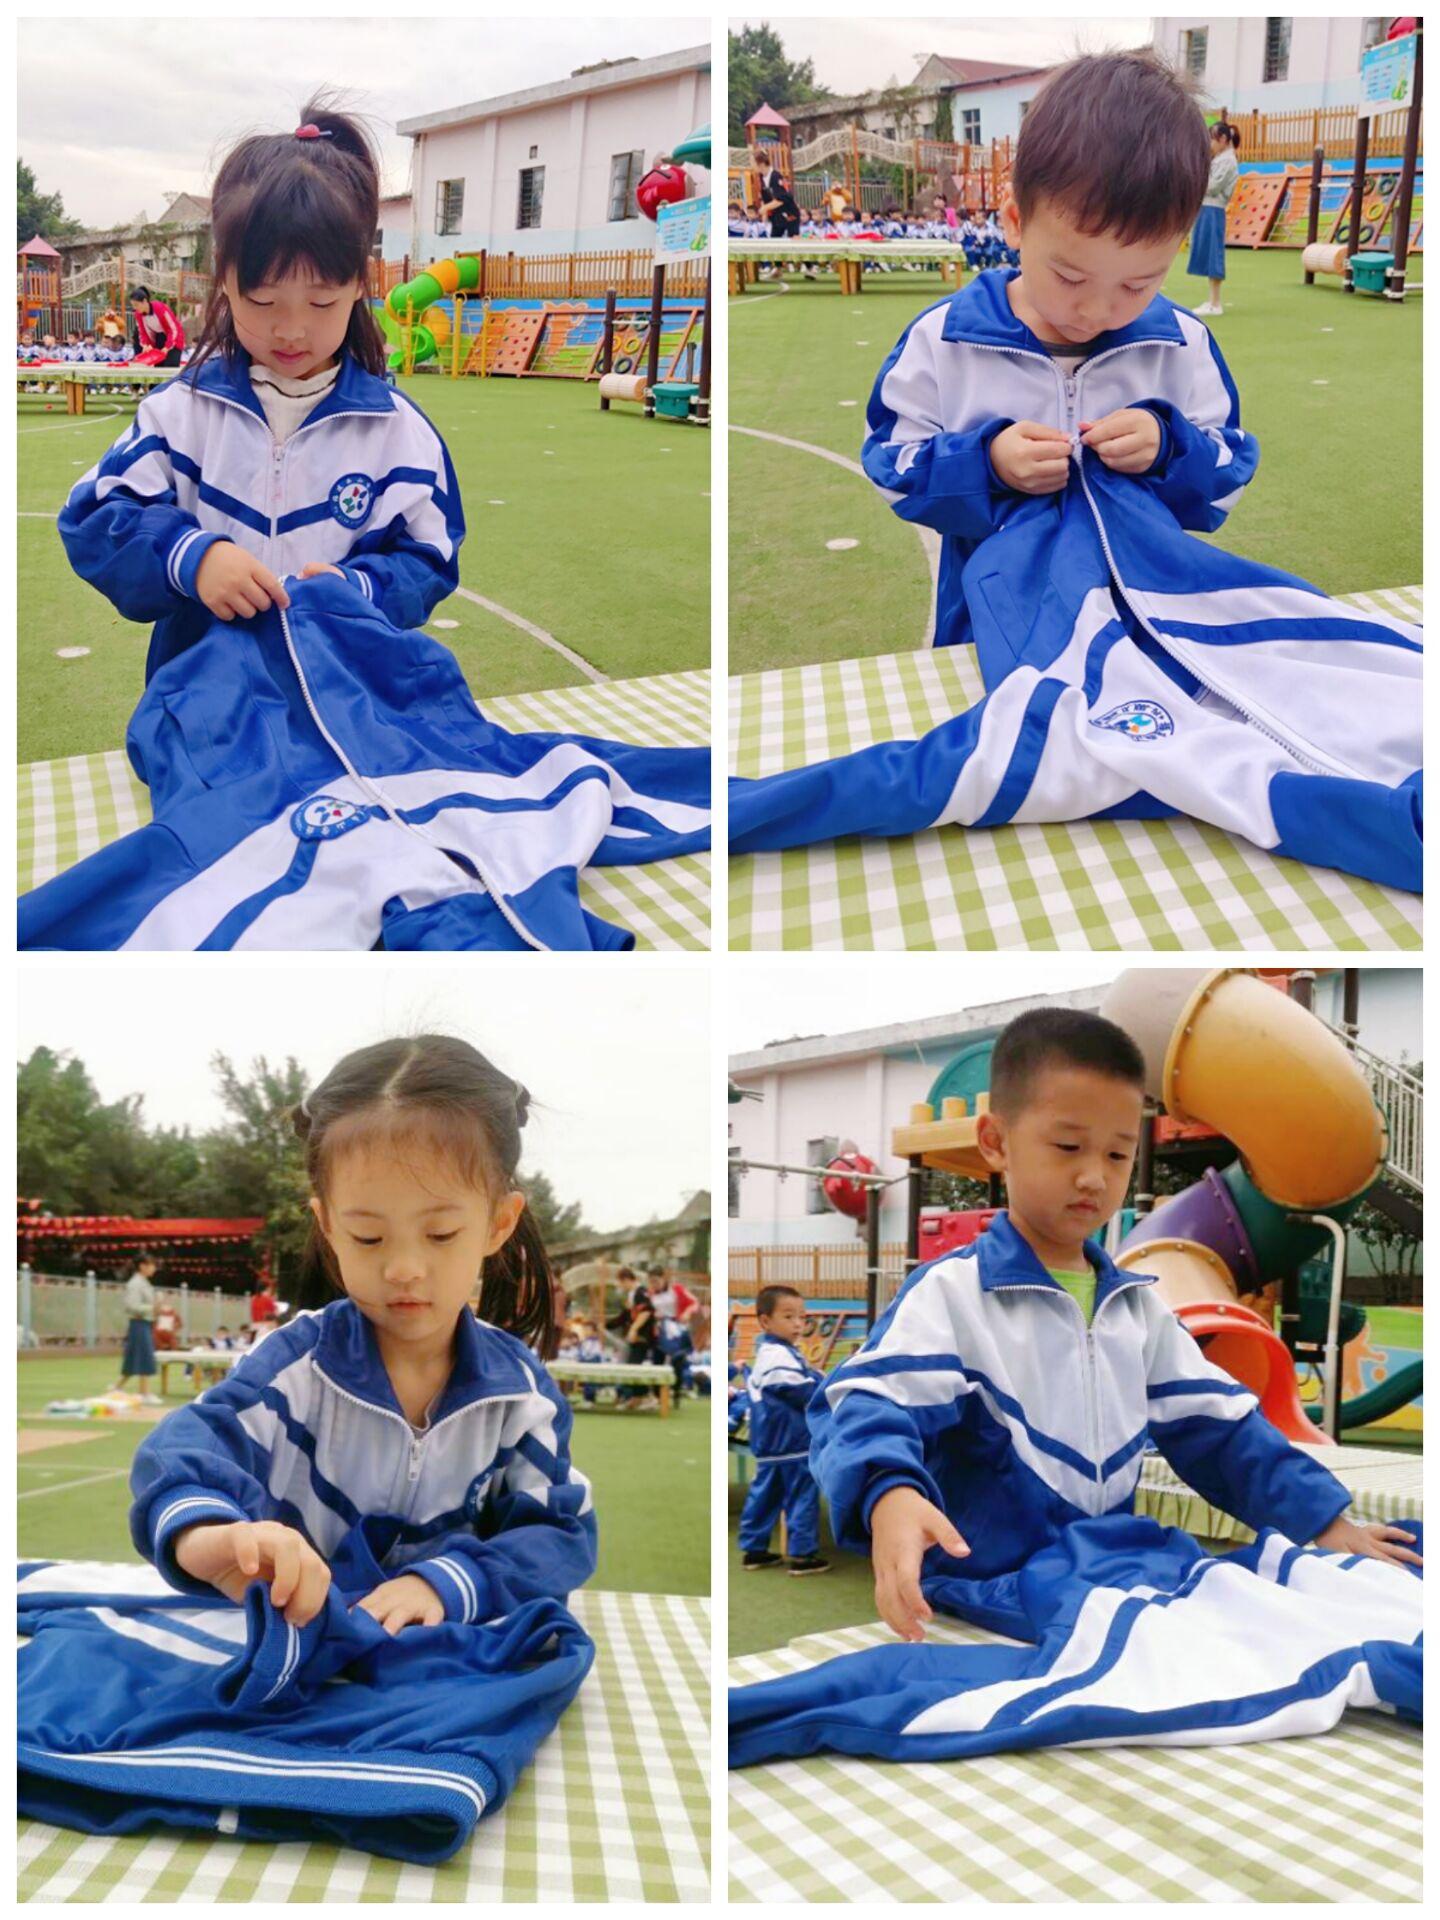 小比拼,大成长——福清西山学校幼儿园技能比拼大赛